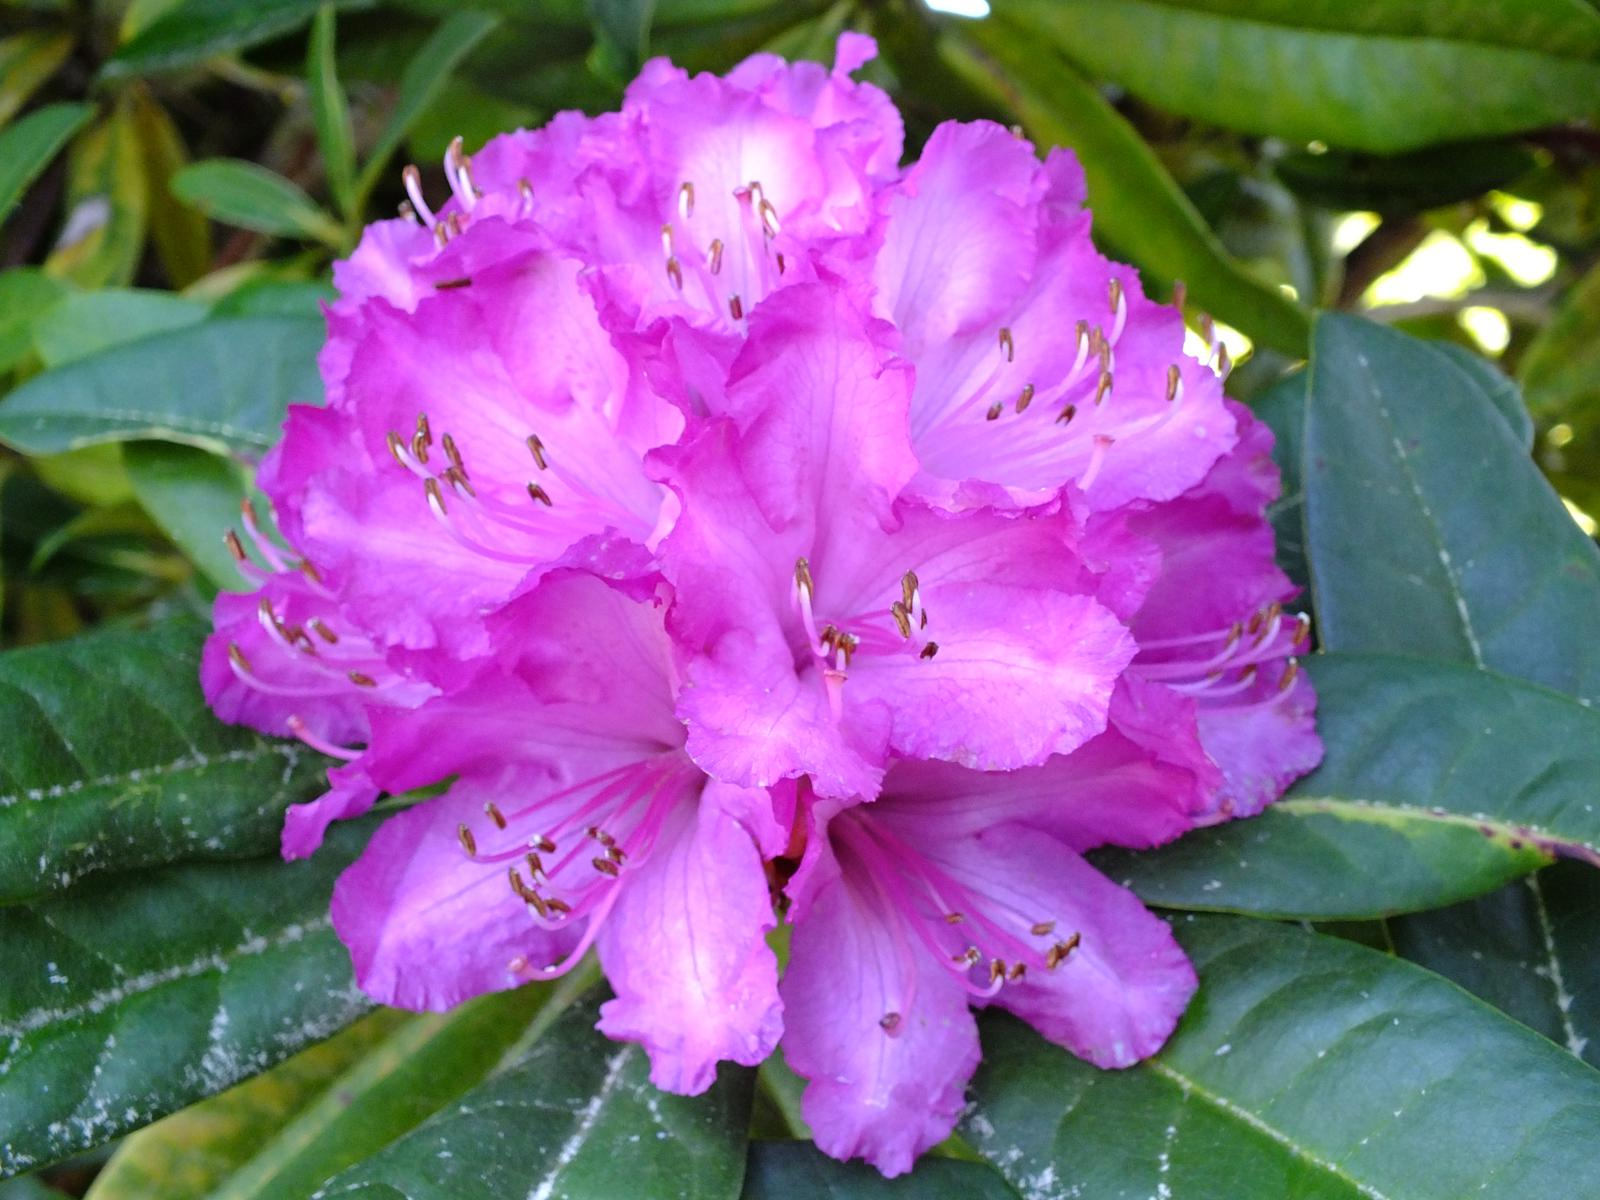 Flor lila flor azul flor verde car interior design - Rododendro arbol ...